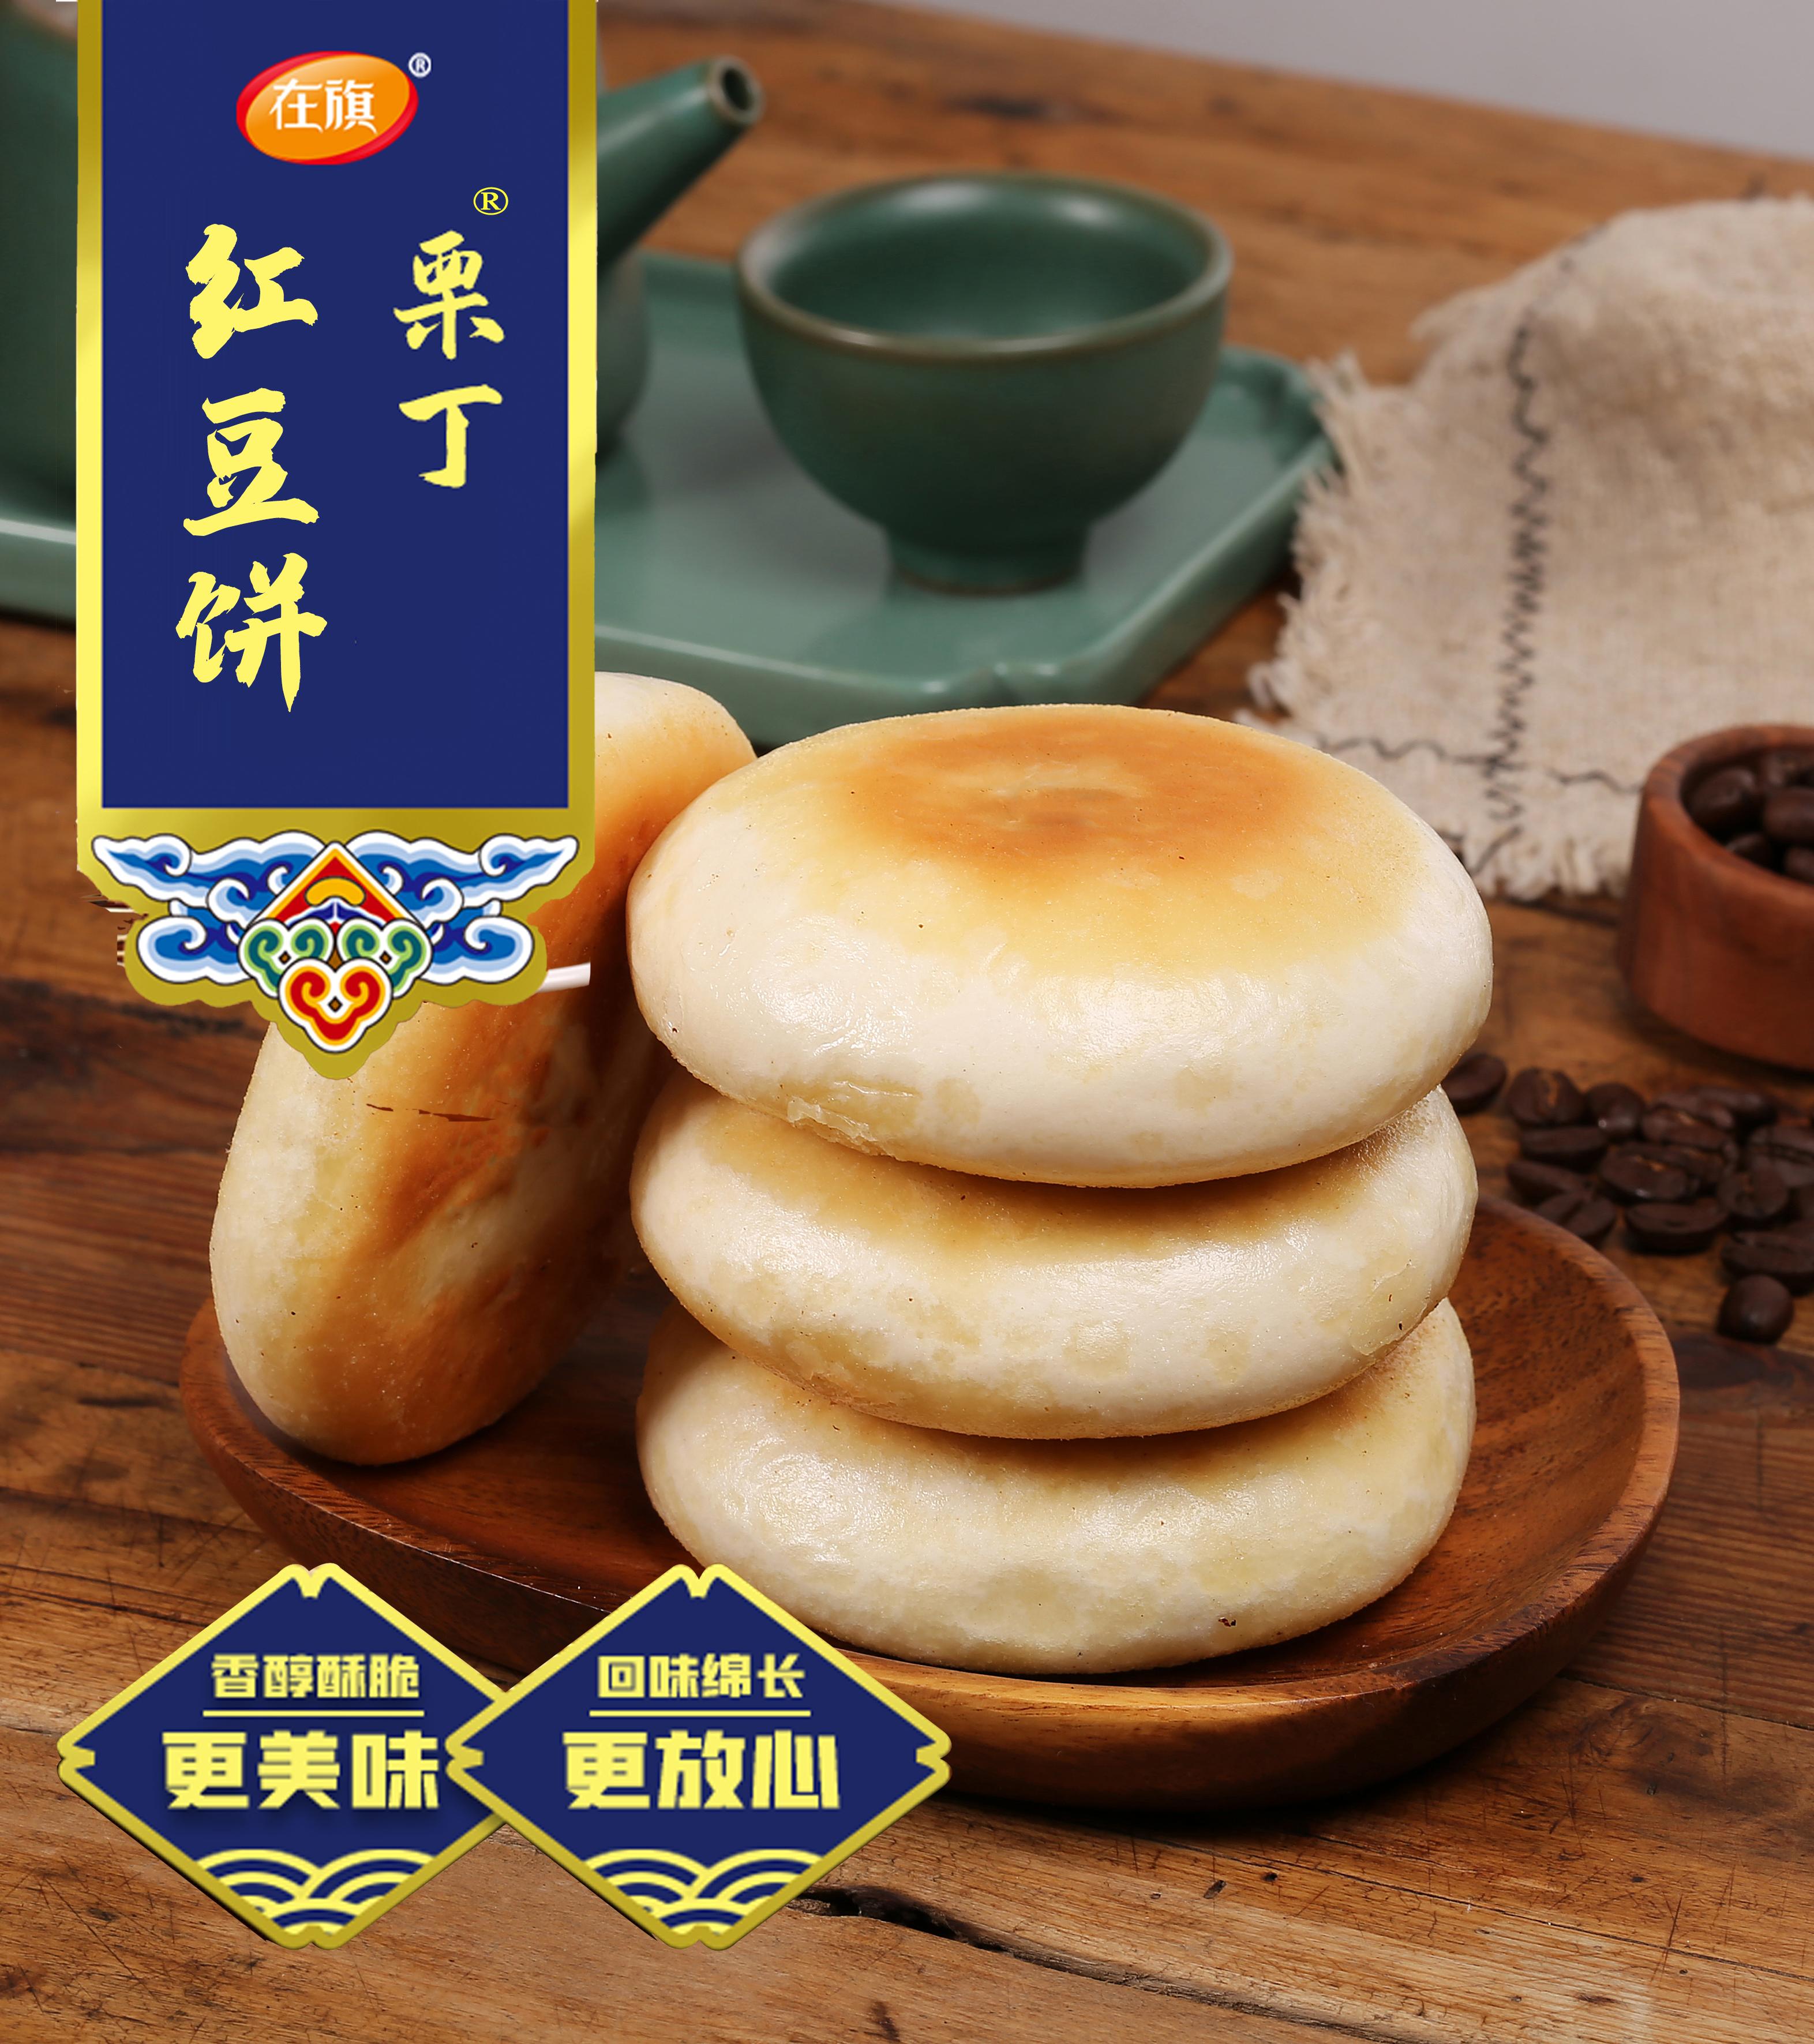 栗丁红豆饼